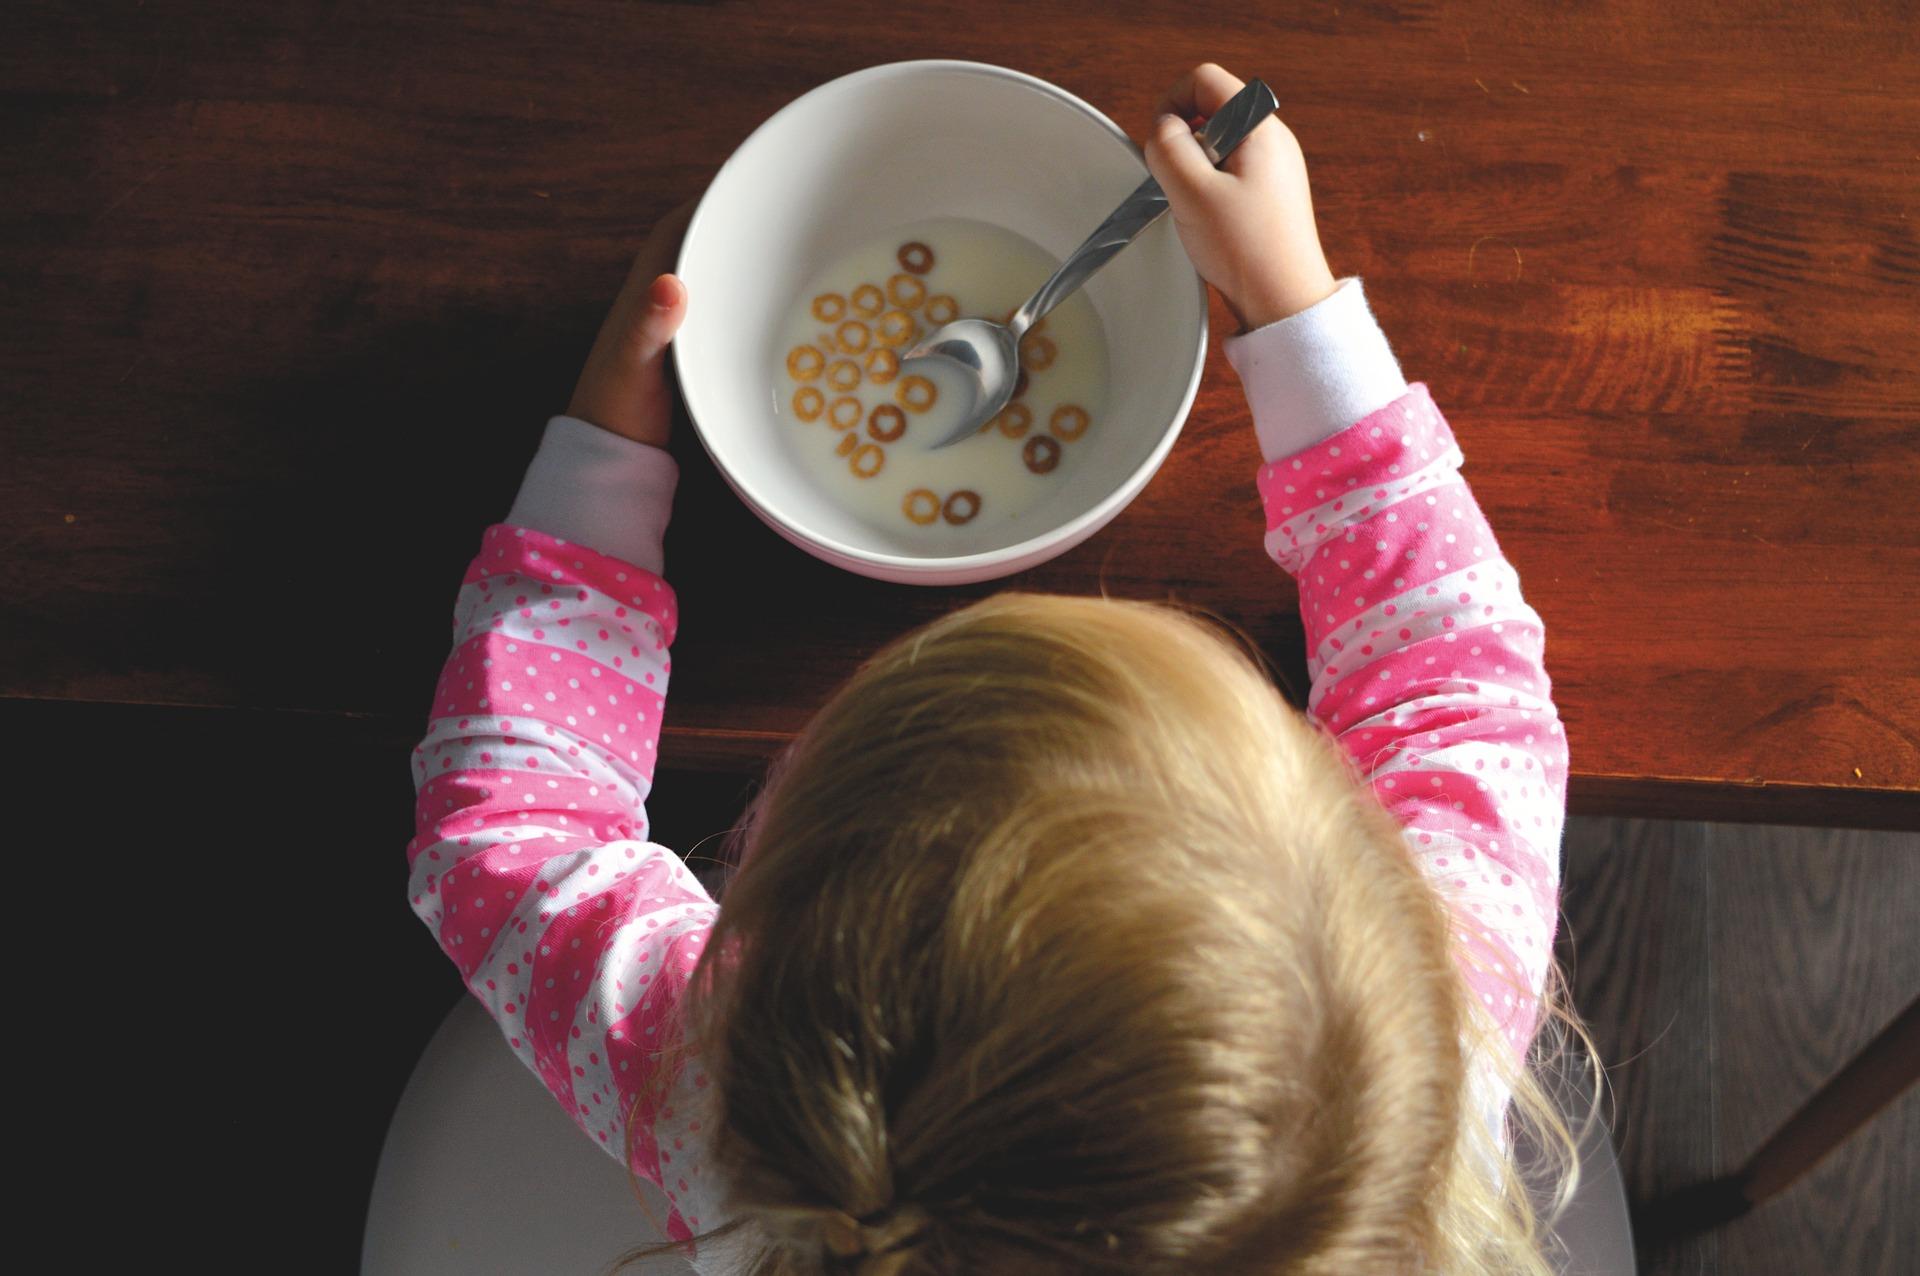 dítě v kuchyni